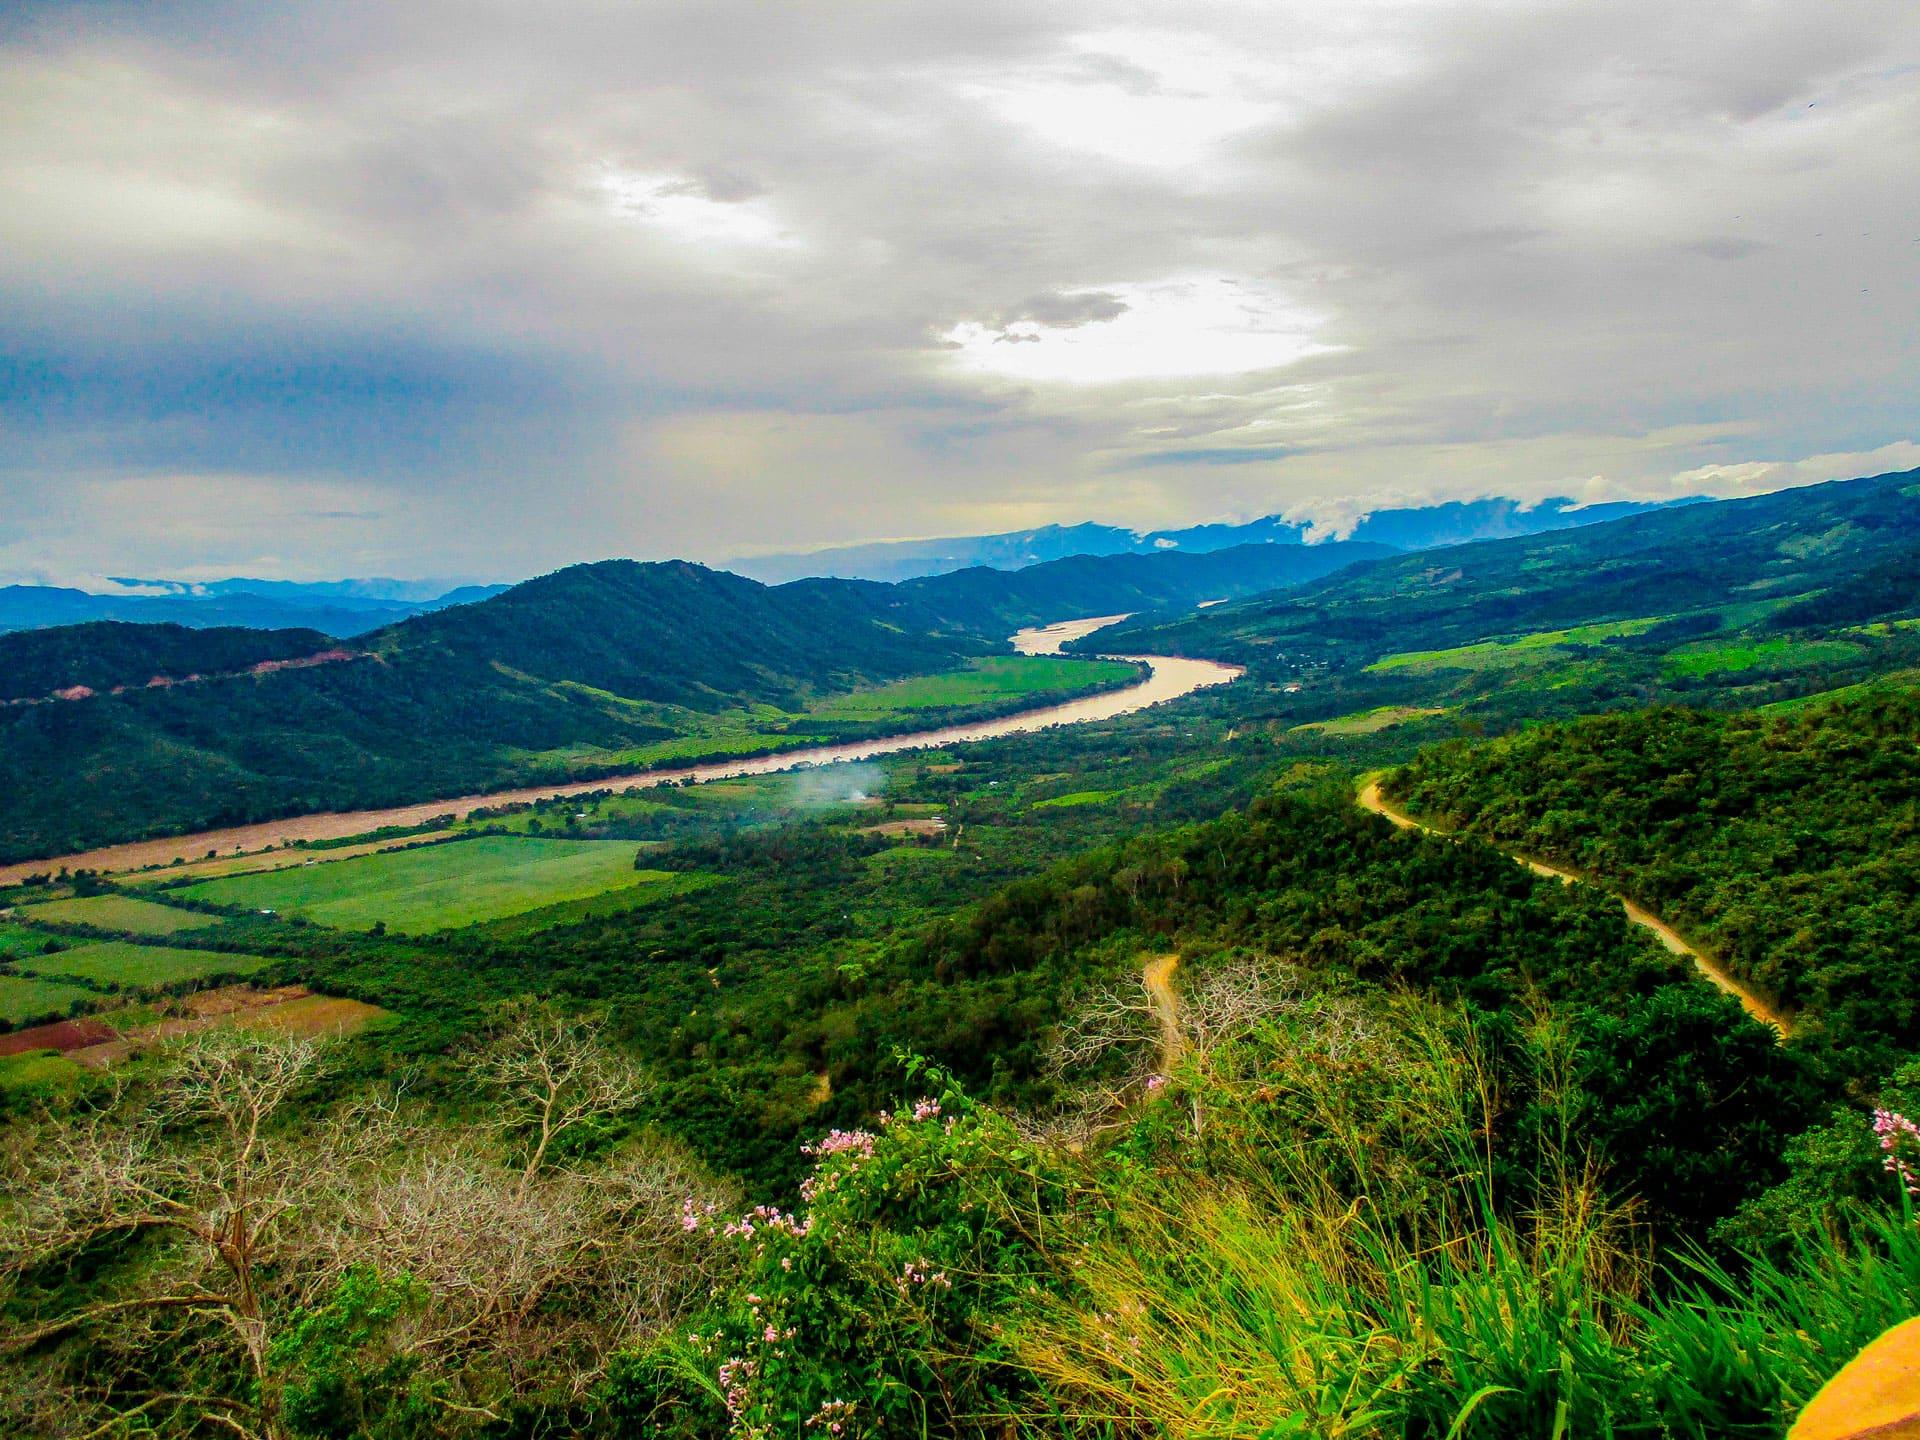 Vista del valle de Tarapoto desde las alturas de Yanashpa Village